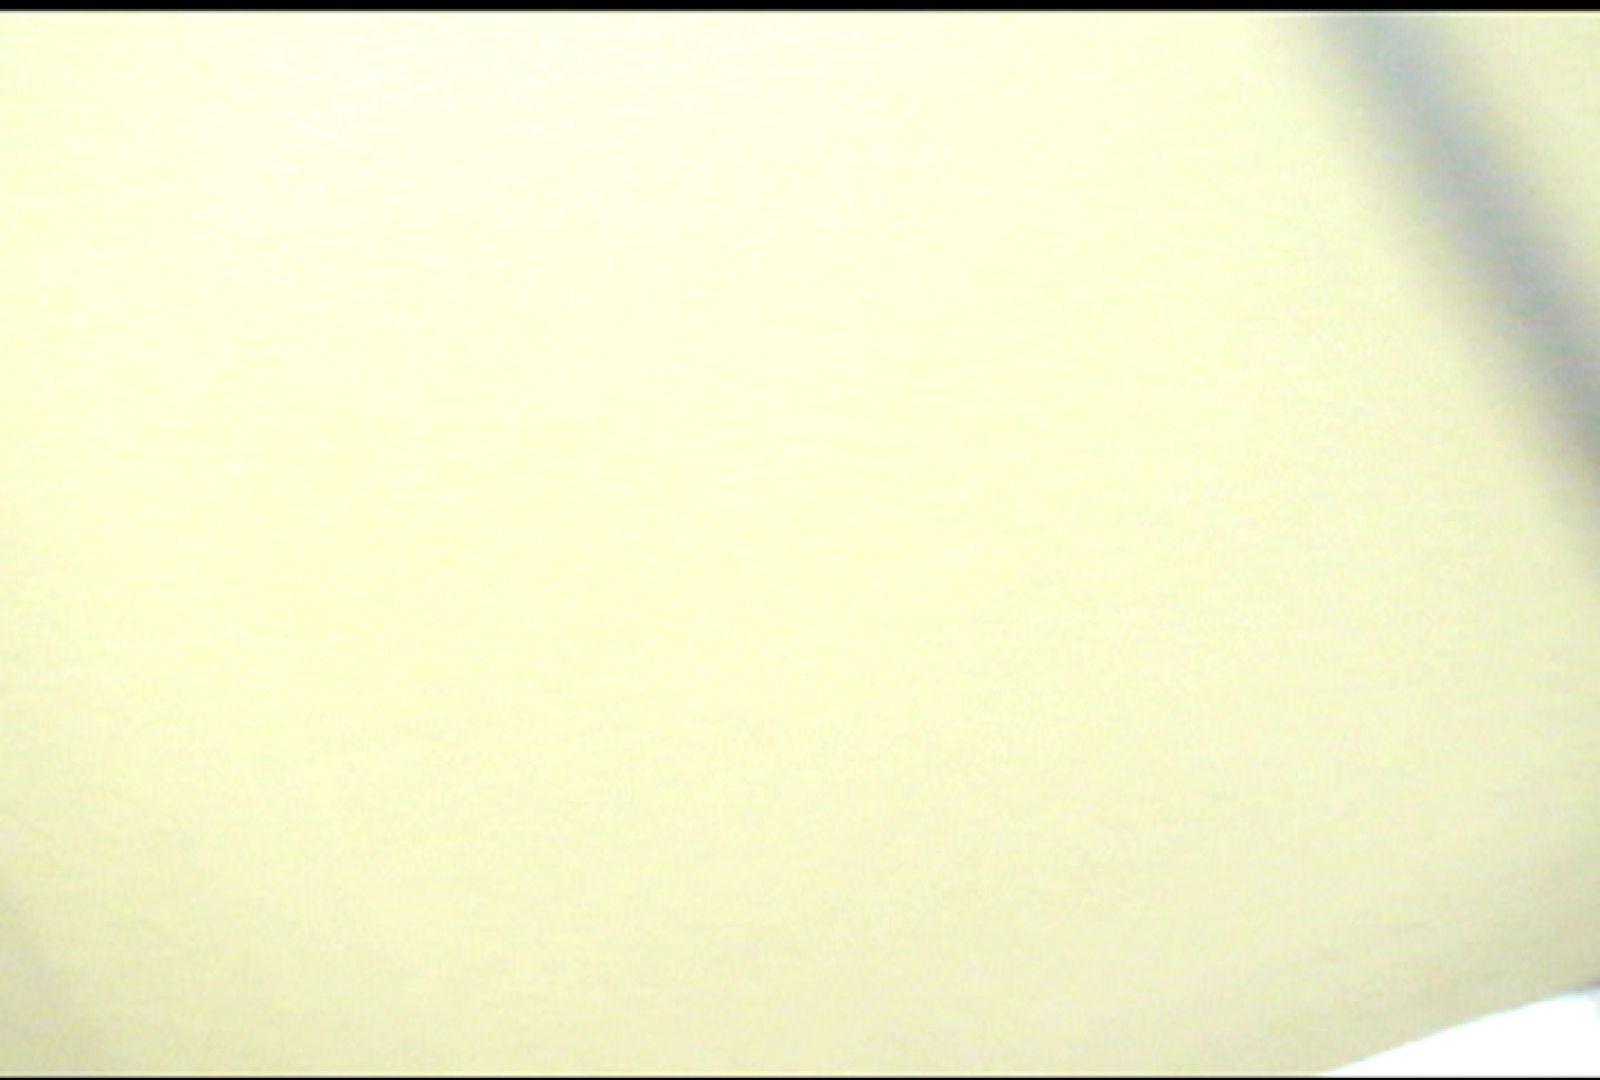 マンコ丸見え女子洗面所Vol.49 体育館 のぞき動画キャプチャ 59連発 39